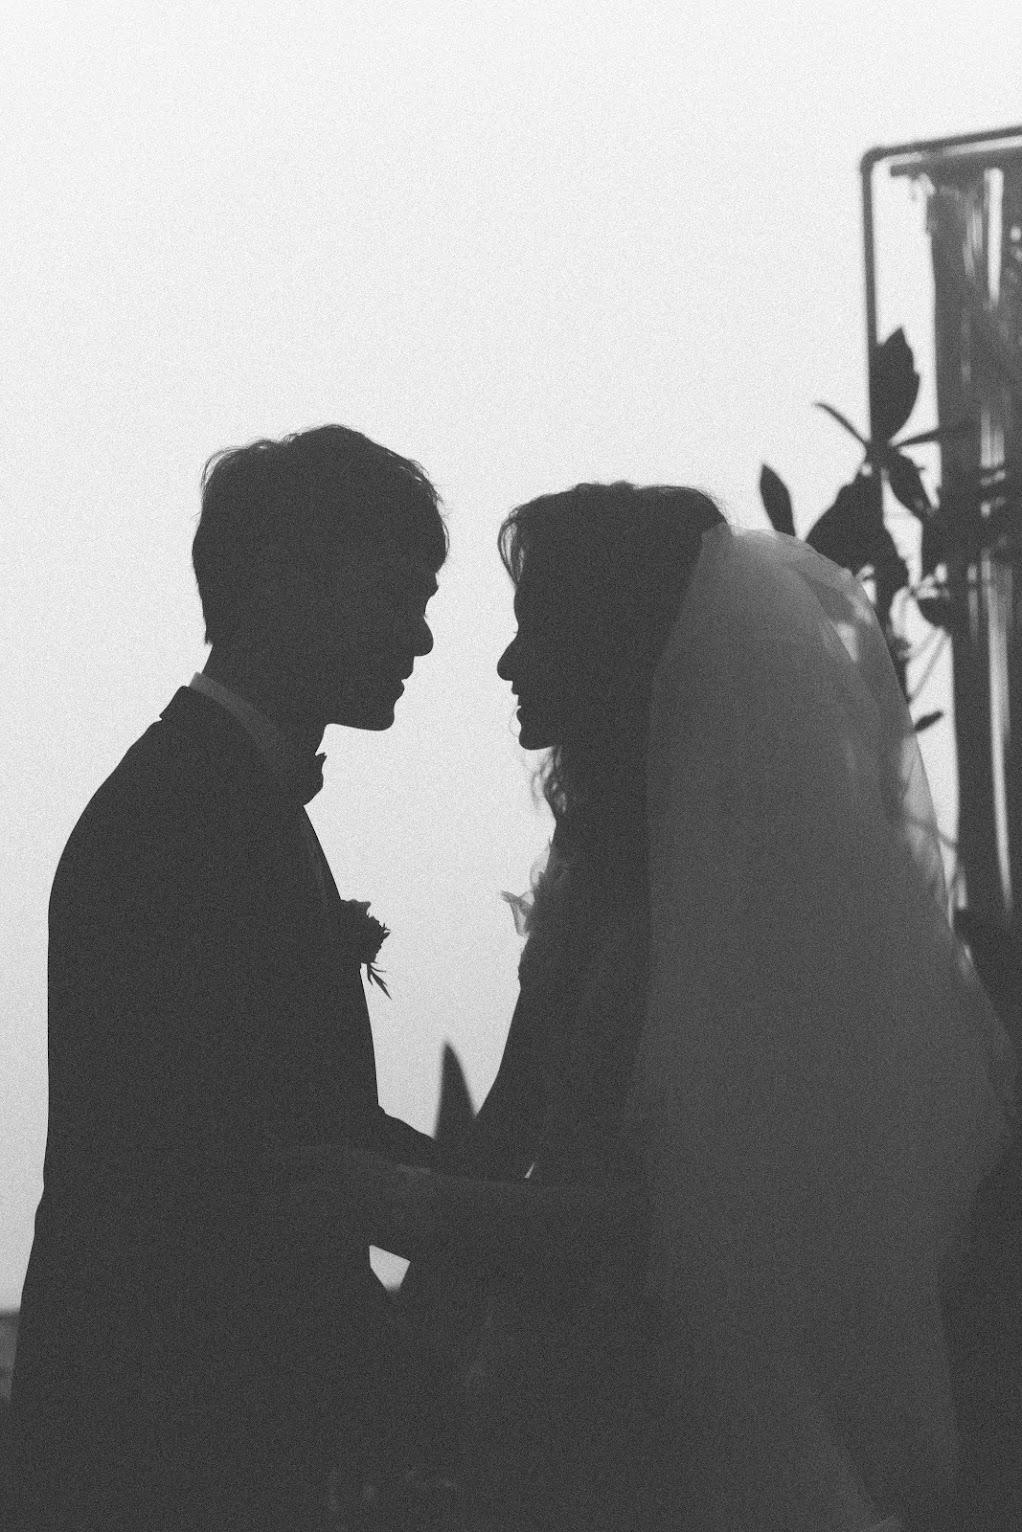 涵碧樓婚禮攝影 -相視而笑